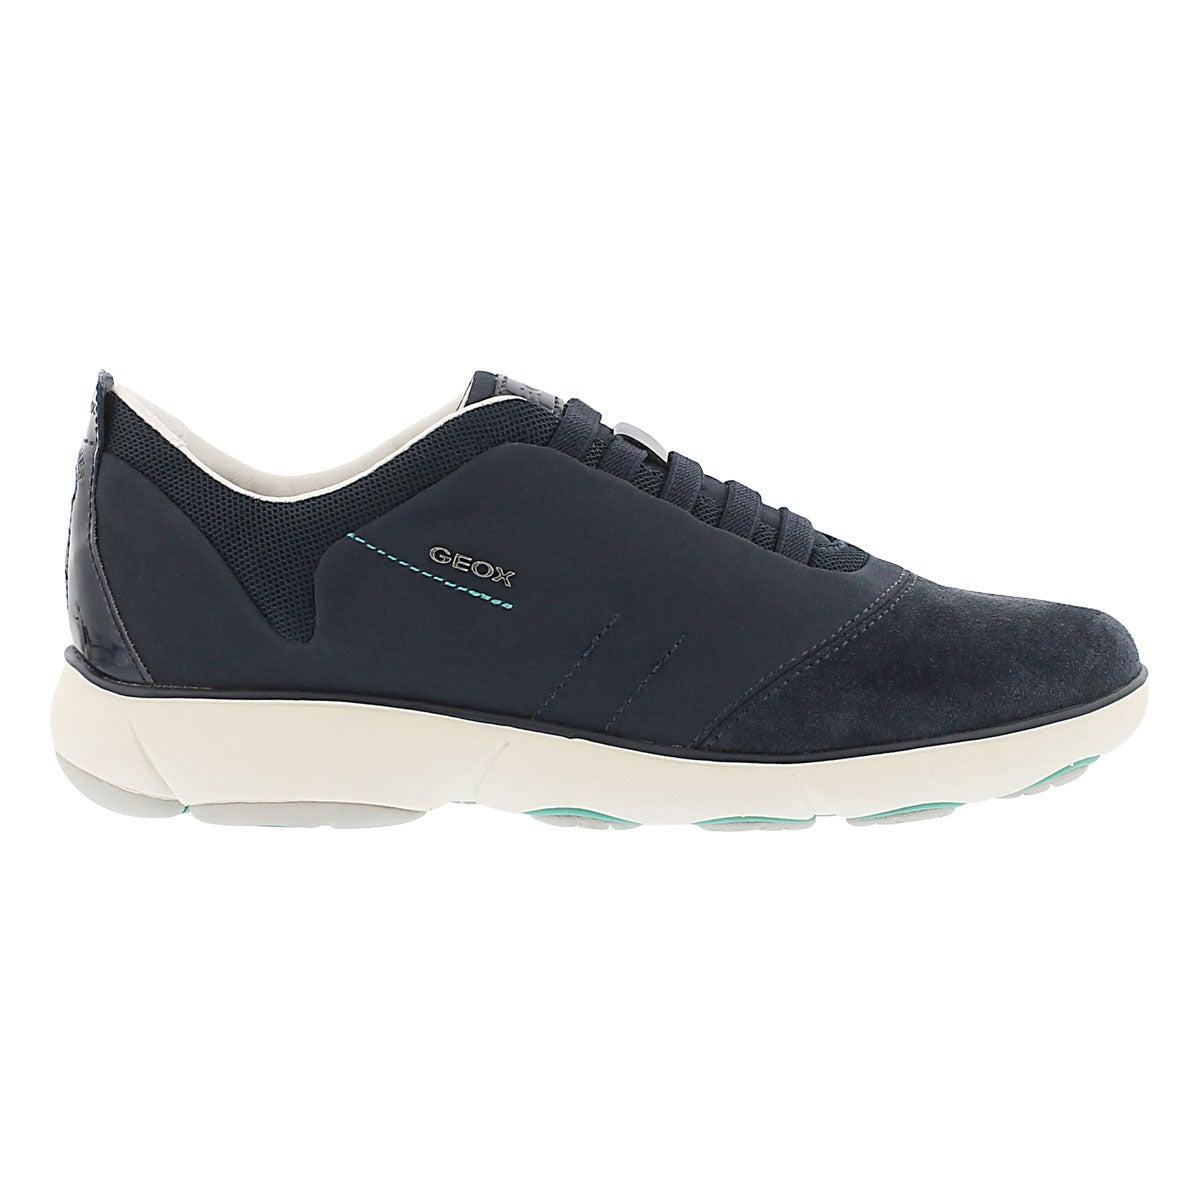 Lds Nebula navy running shoe